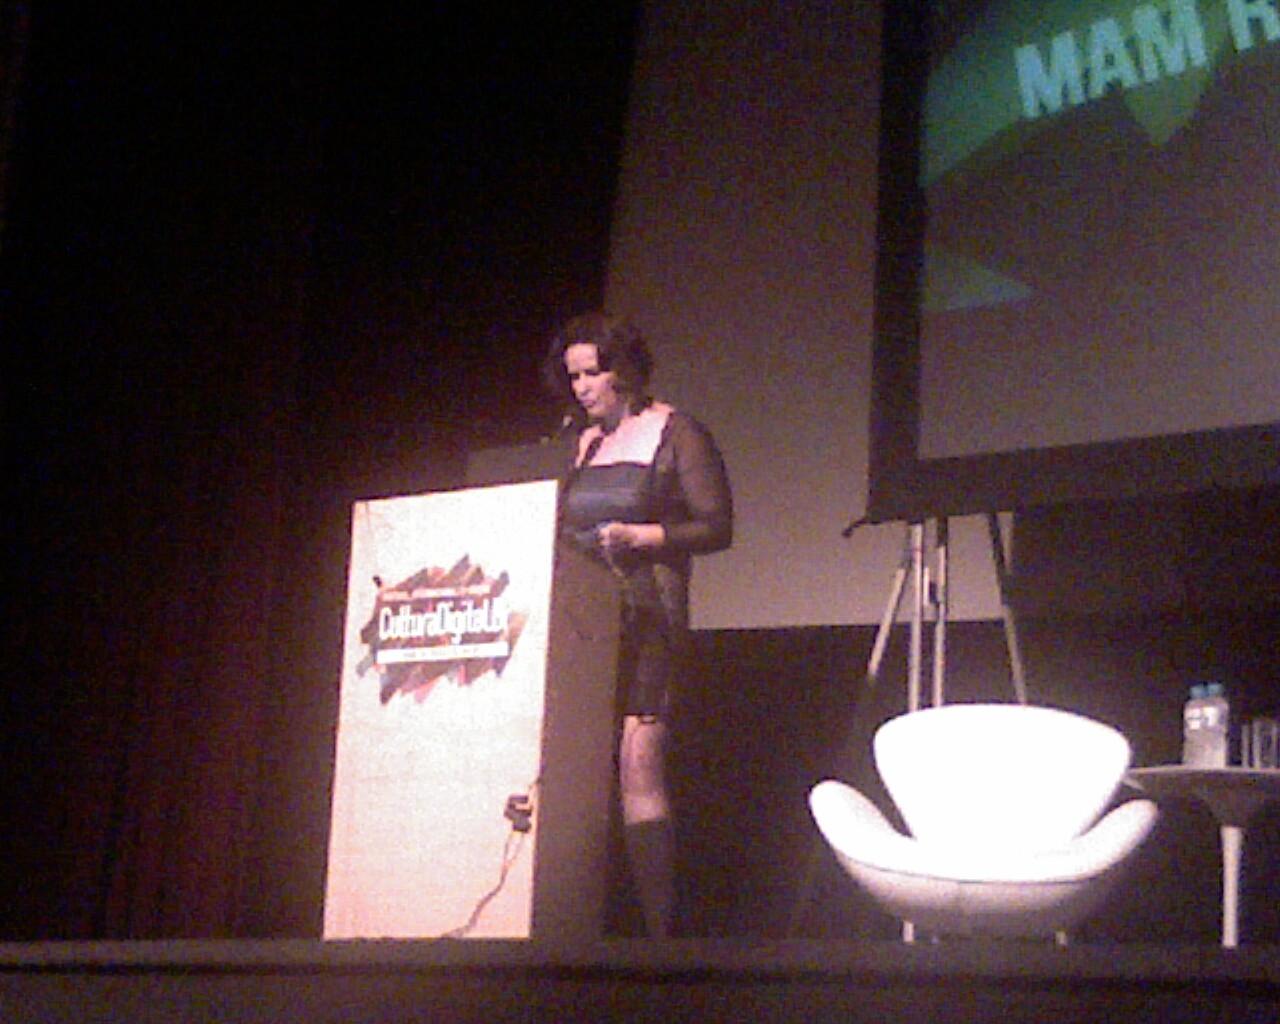 .@ivanabentes faz homenagem a Guido Grepax na abertura do festival #CulturaDigitalBR ;-}